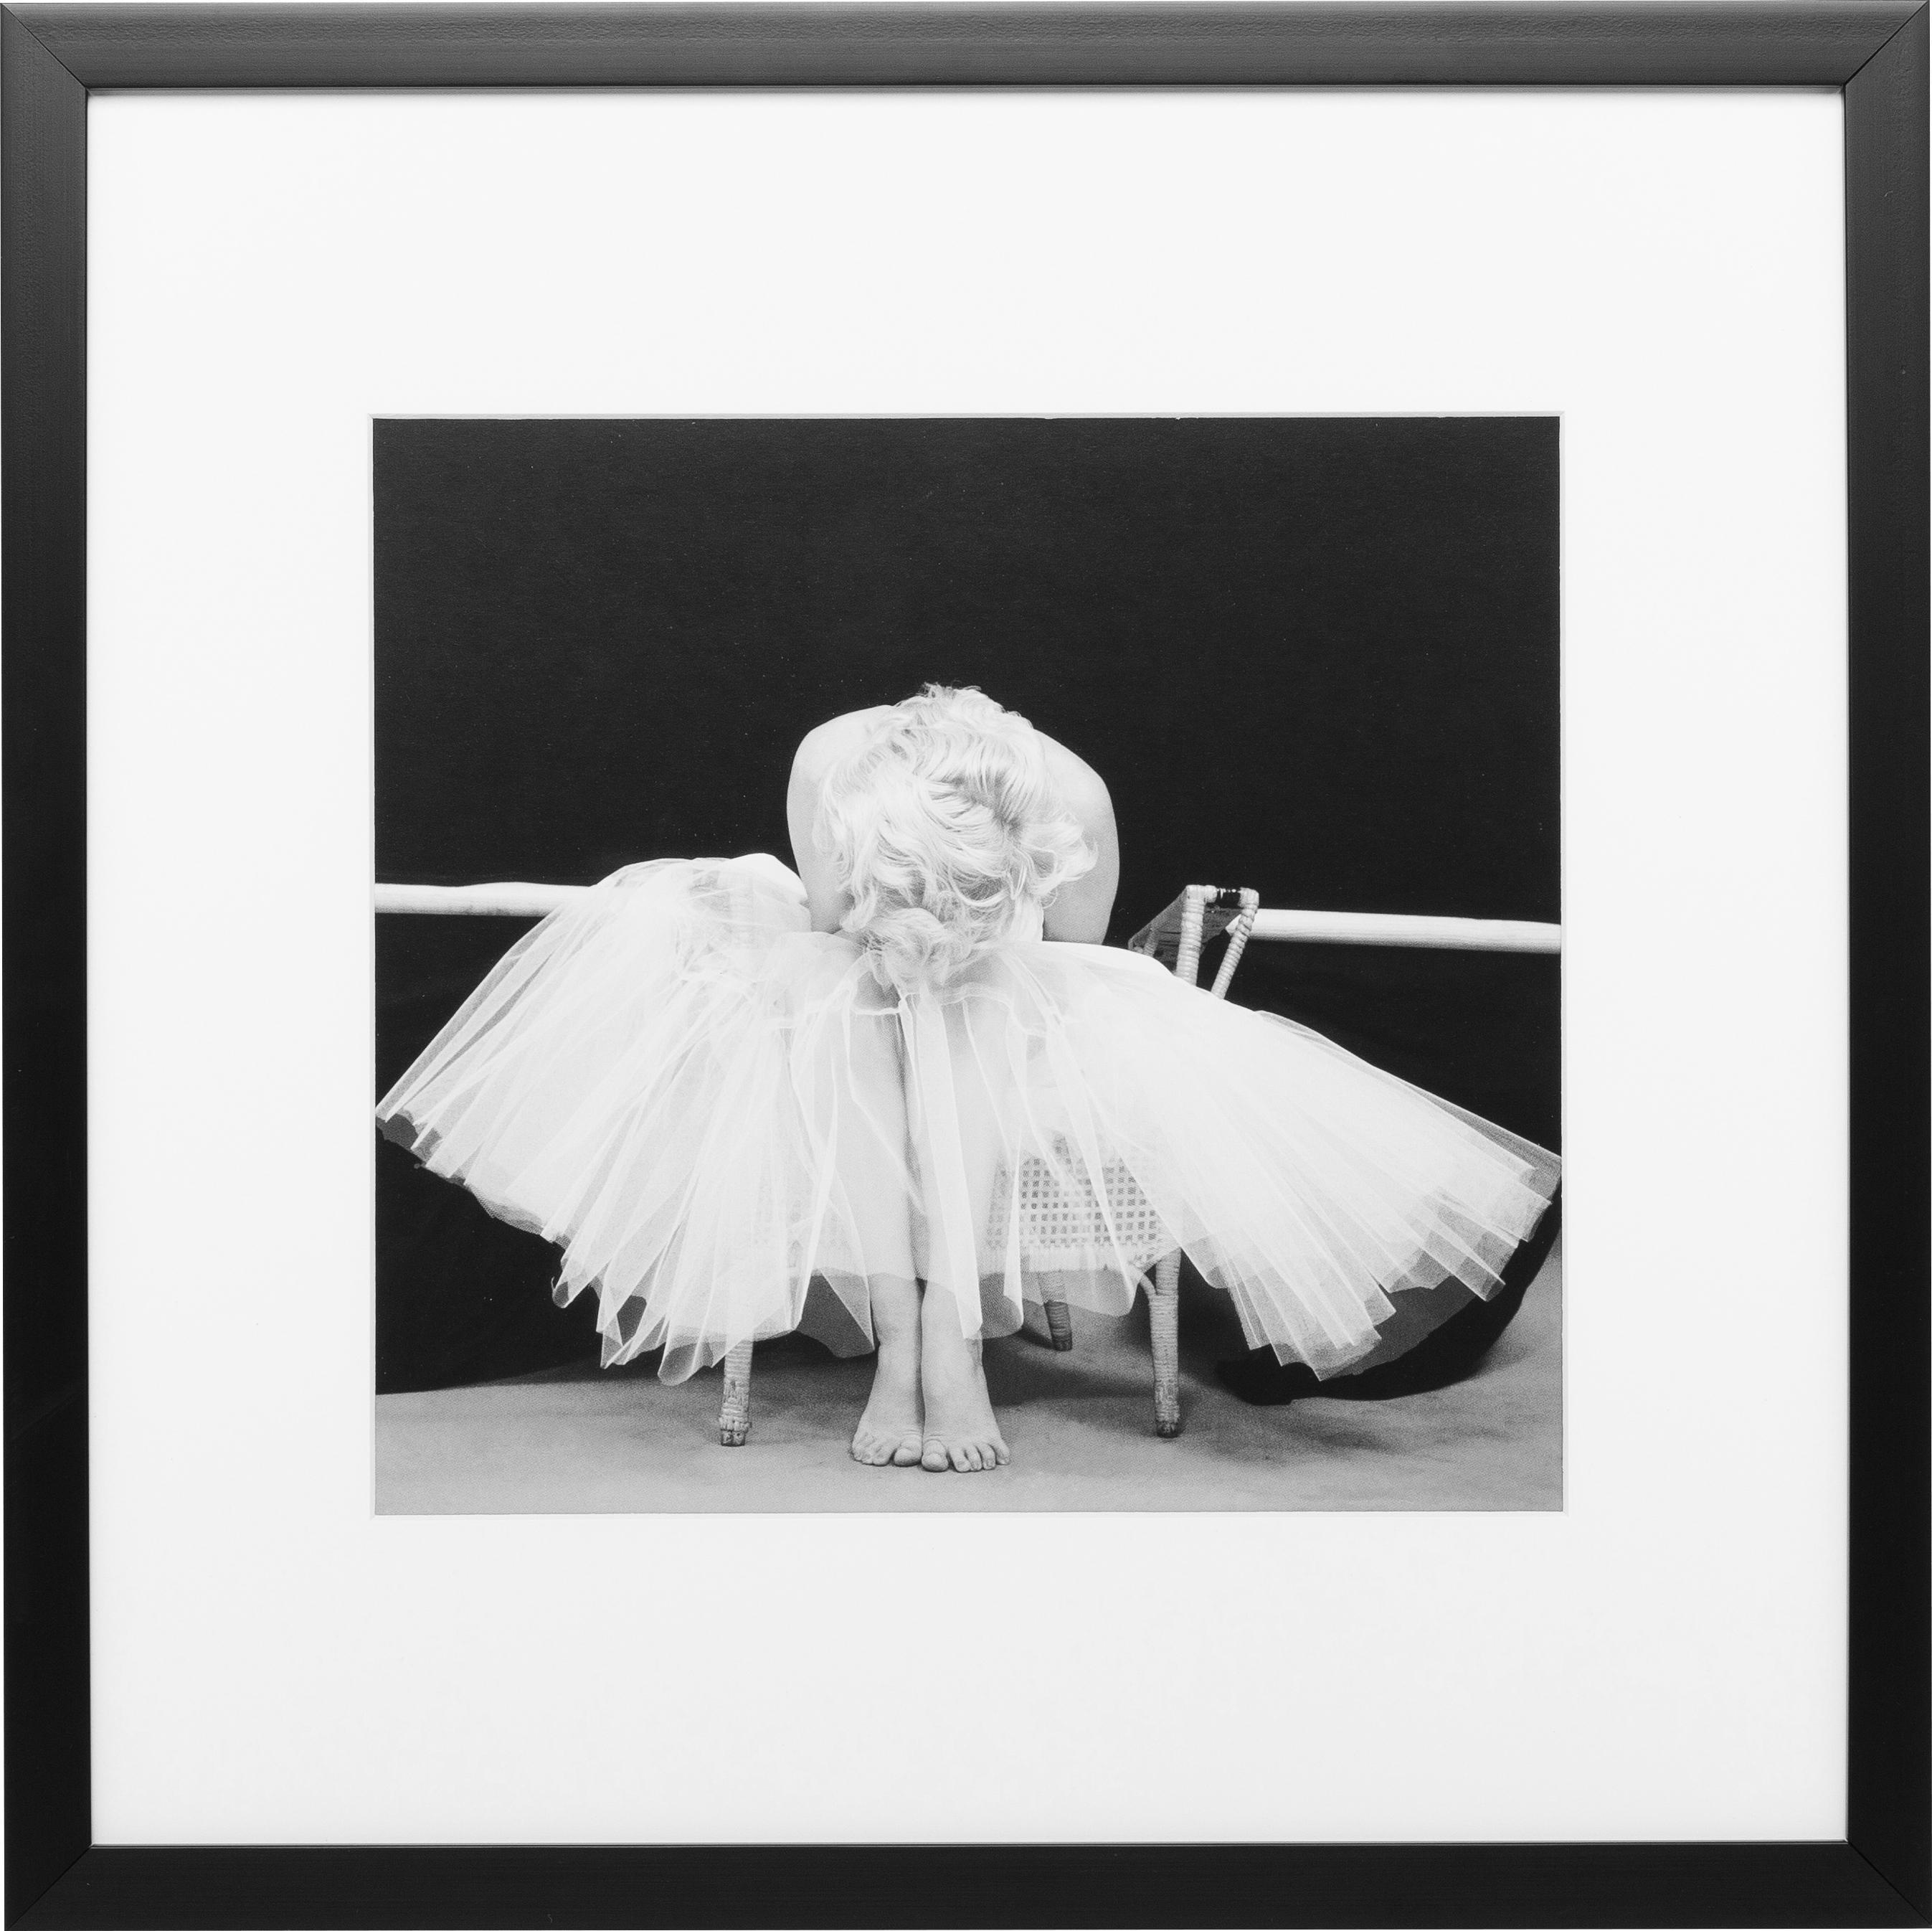 Gerahmter Digitaldruck Ballerina, Bild: Digitaldruck, Rahmen: Kunststoff, Front: Glas, Bild: Schwarz, Weiss<br>Rahmen: Schwarz, 40 x 40 cm